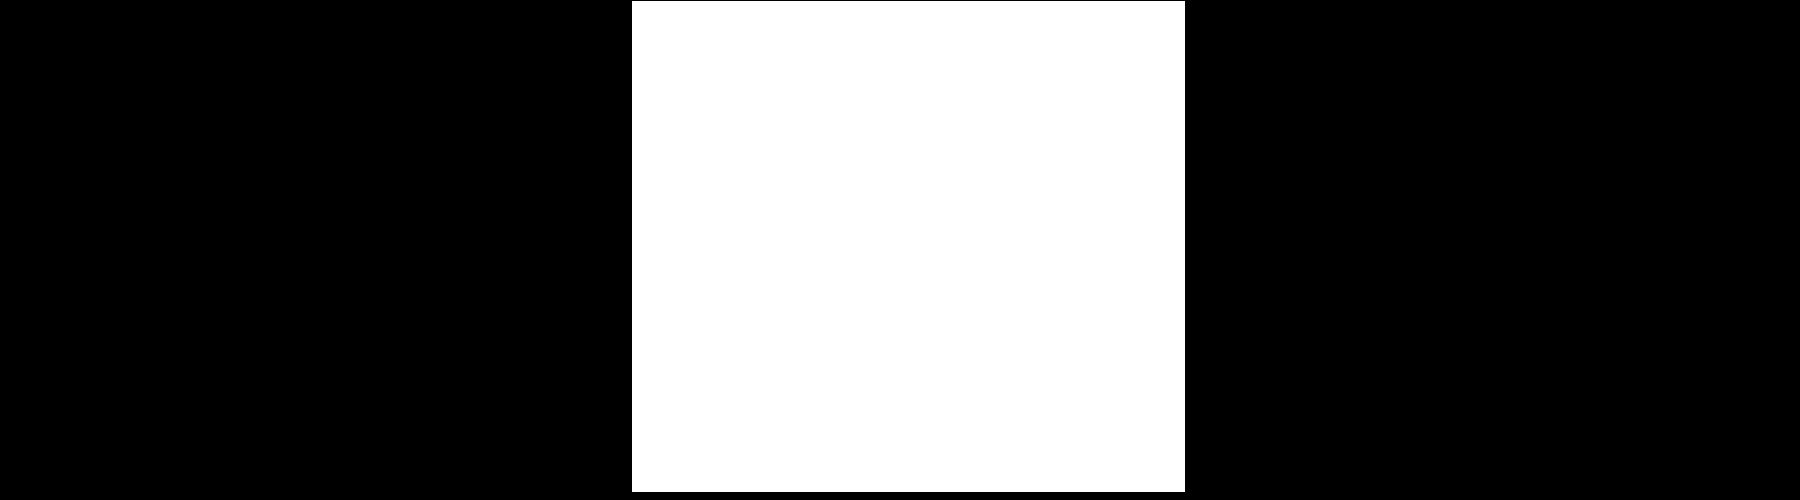 twelve.png